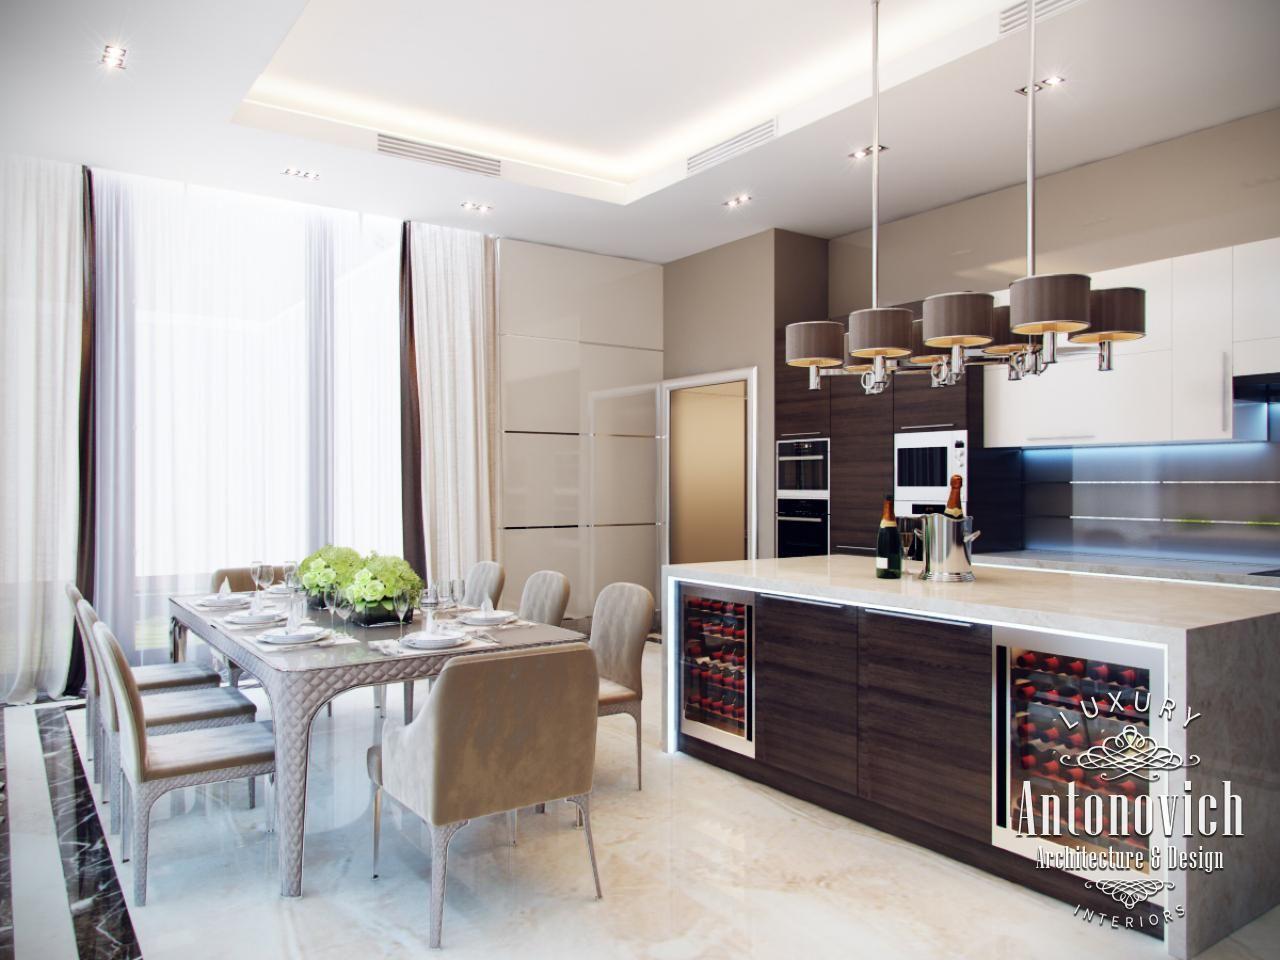 kitchen design in dubai, kitchen in style minimalism, photo 1